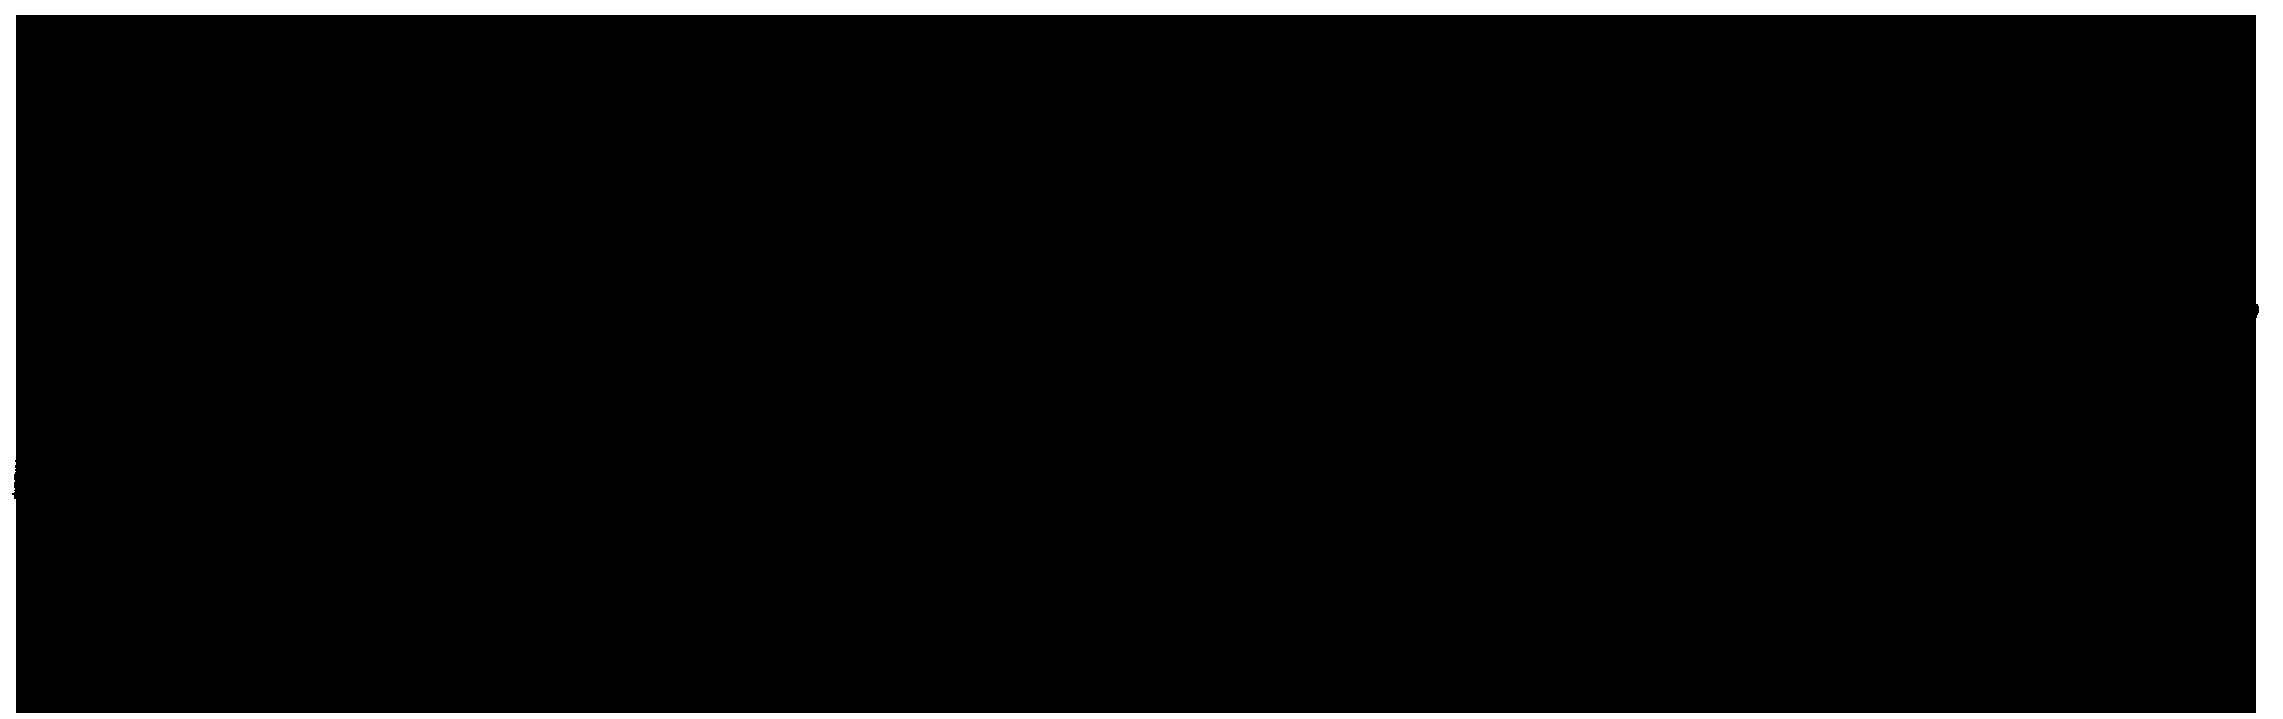 Logo Grupo Zozaya.png